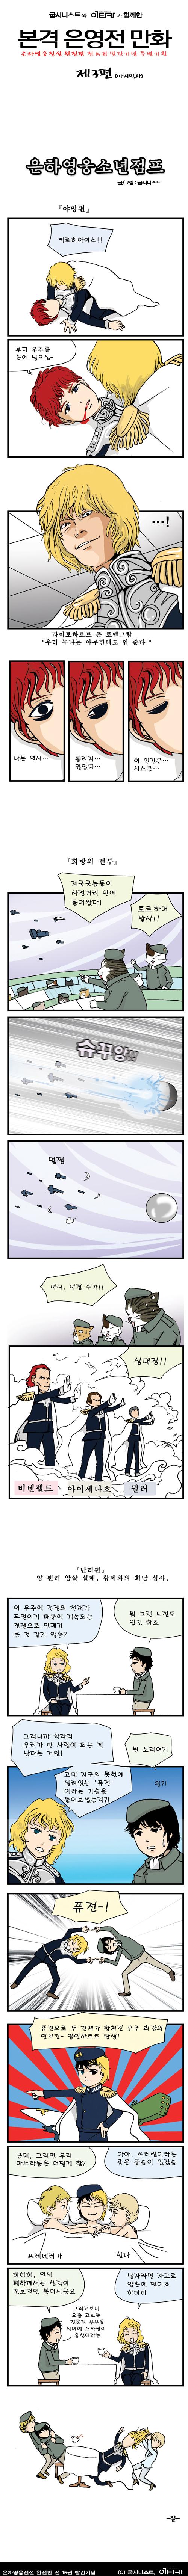 은영전 출간 D-1! 굽시니스트의 <본격 은영전 만화>..